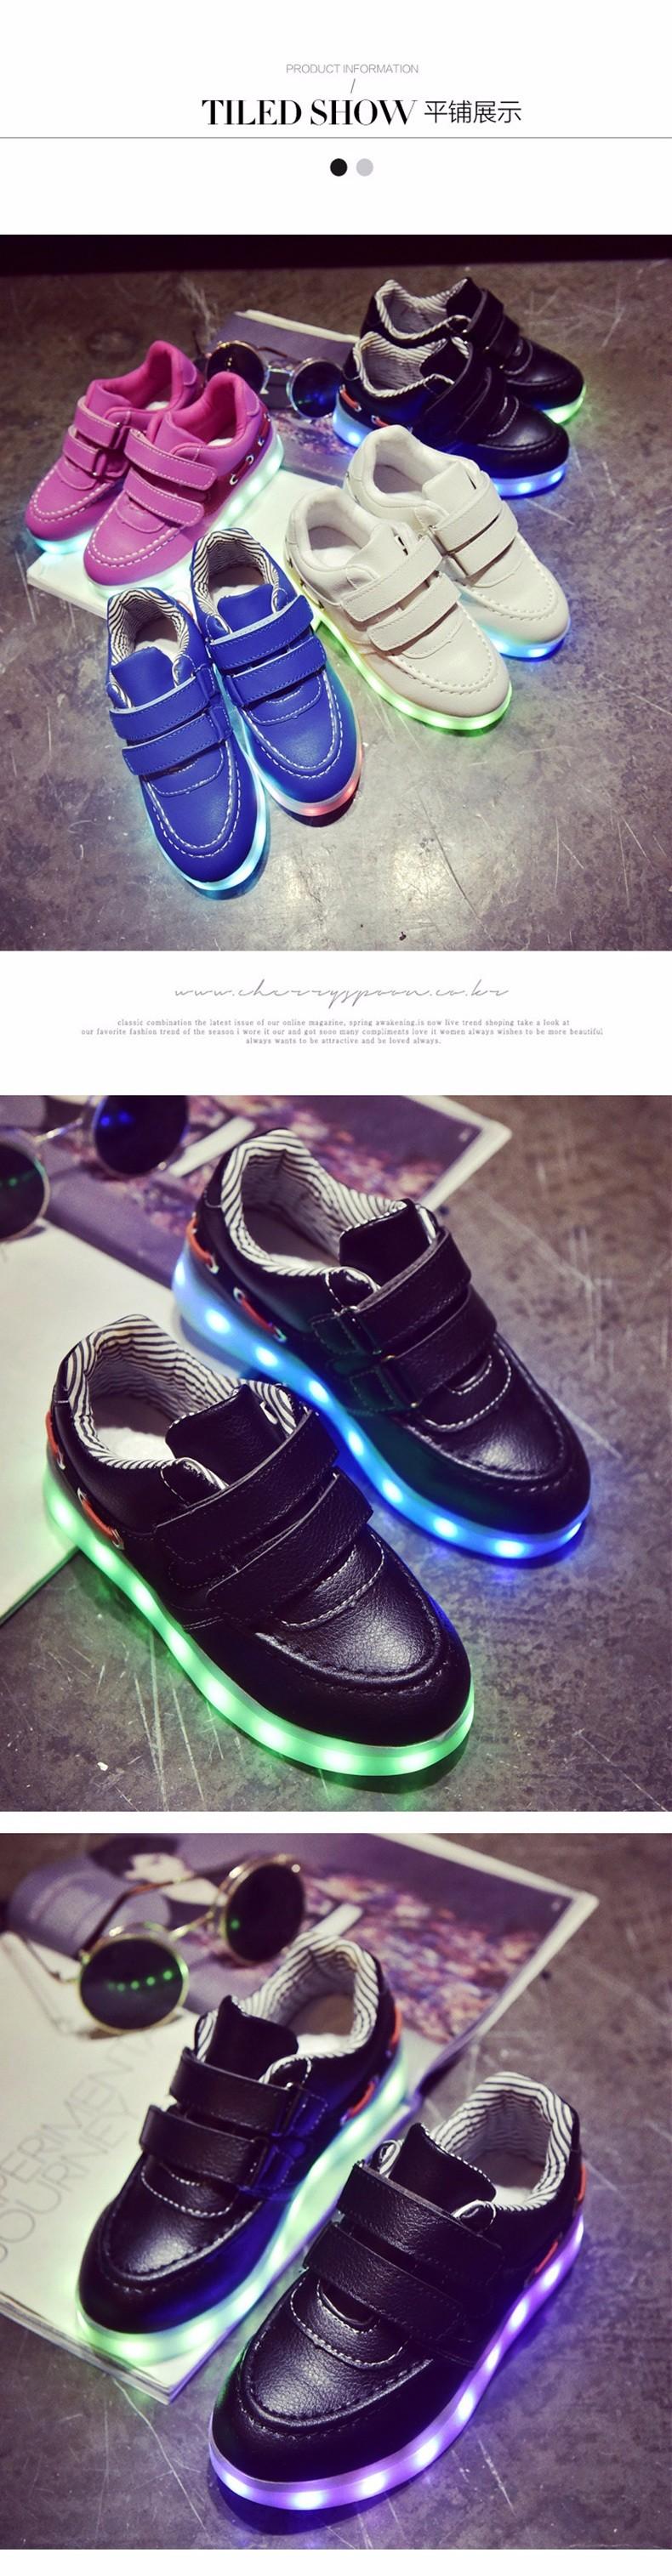 Kid USB Charging LED Light Shoes Soft Net Casual Boy Girl Luminous Sneakers Antiskid Bottom Children Shoes Tenis Led Infantil (6)